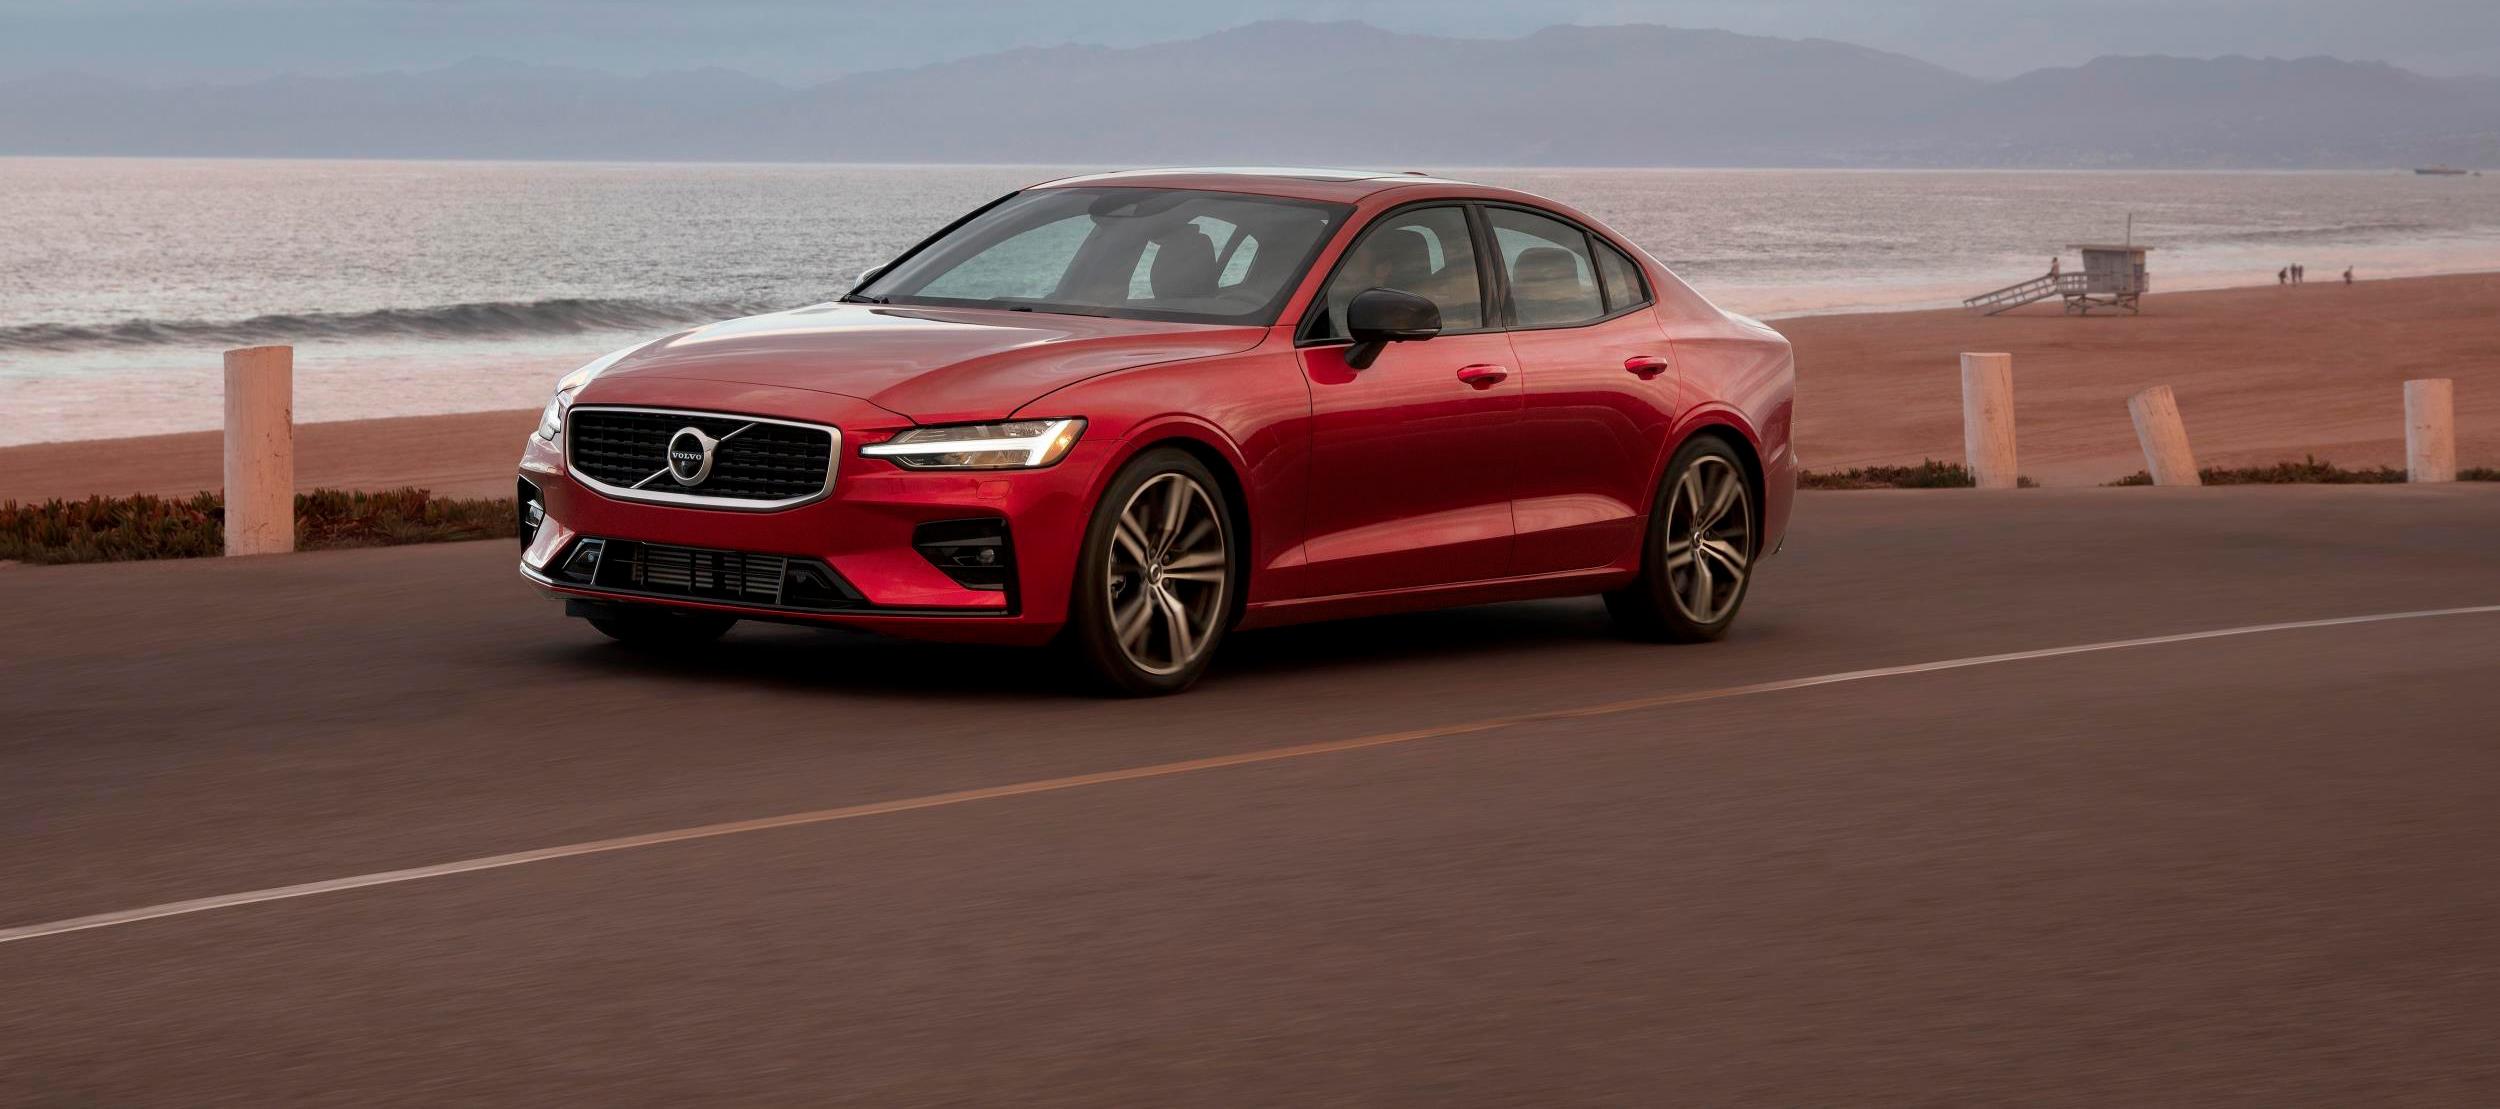 Volvo limitará a 180 km/h la velocidad máxima de sus vehículos